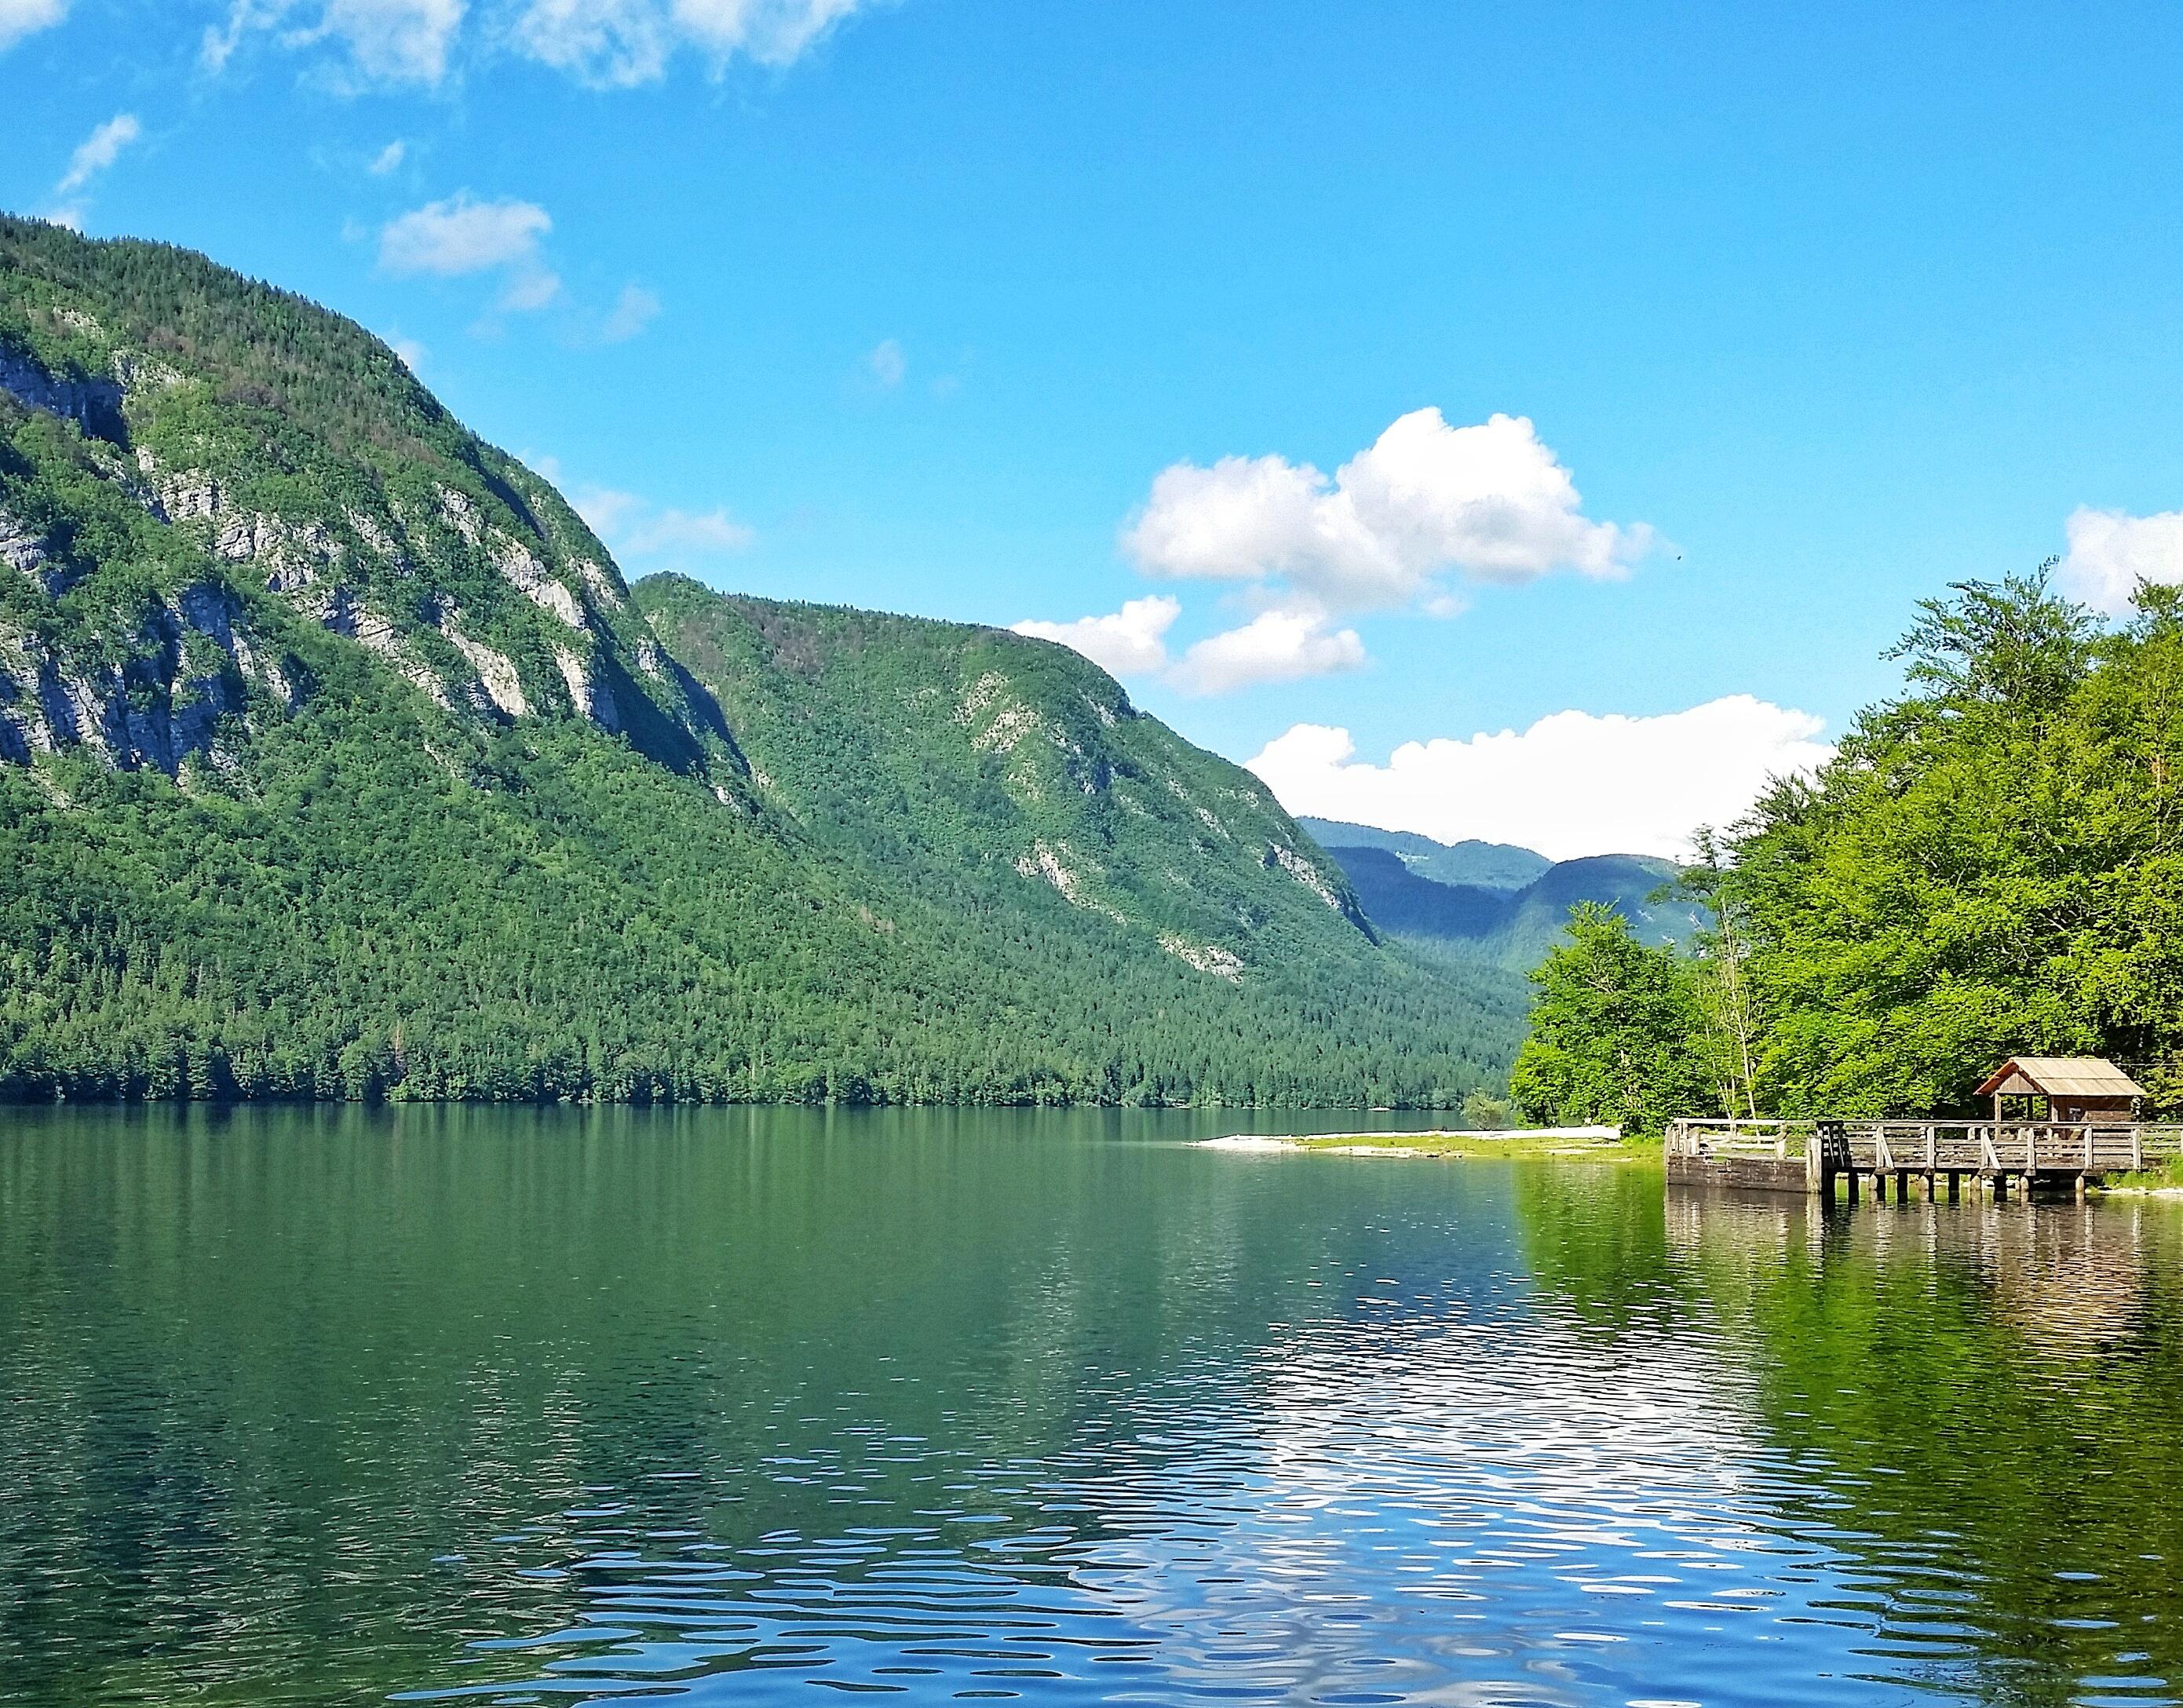 Slovenia i laghi di bohinj bled e lubiana 10 15 giugno bicicladi - Agenzia immobiliare slovenia ...